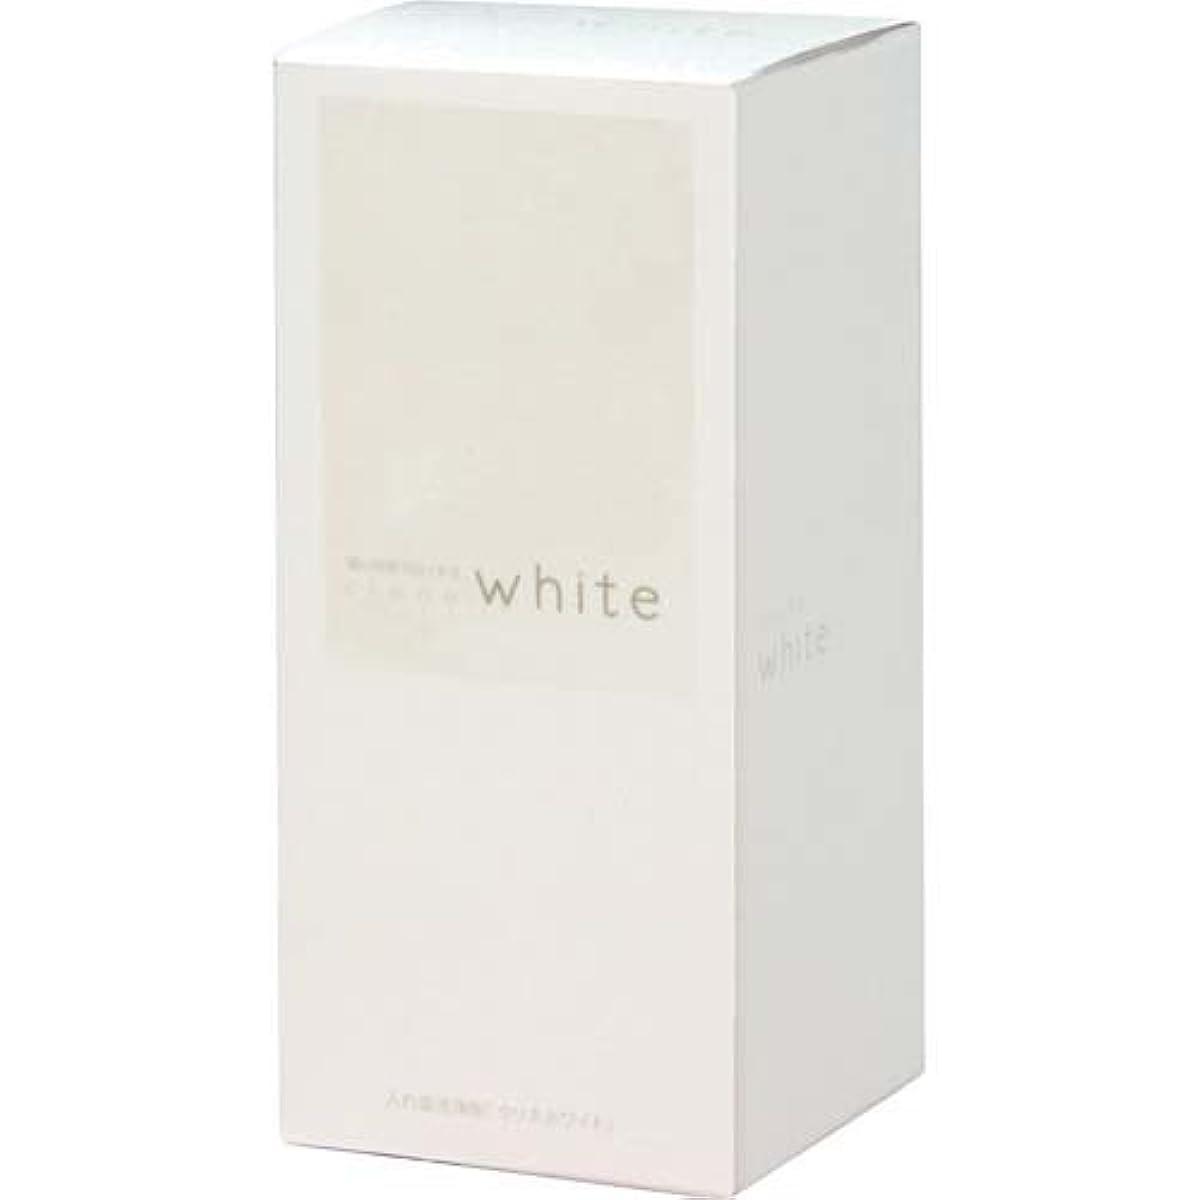 できたピザ記念品短い時間で白くする 強力入れ歯洗浄剤 クリネホワイト